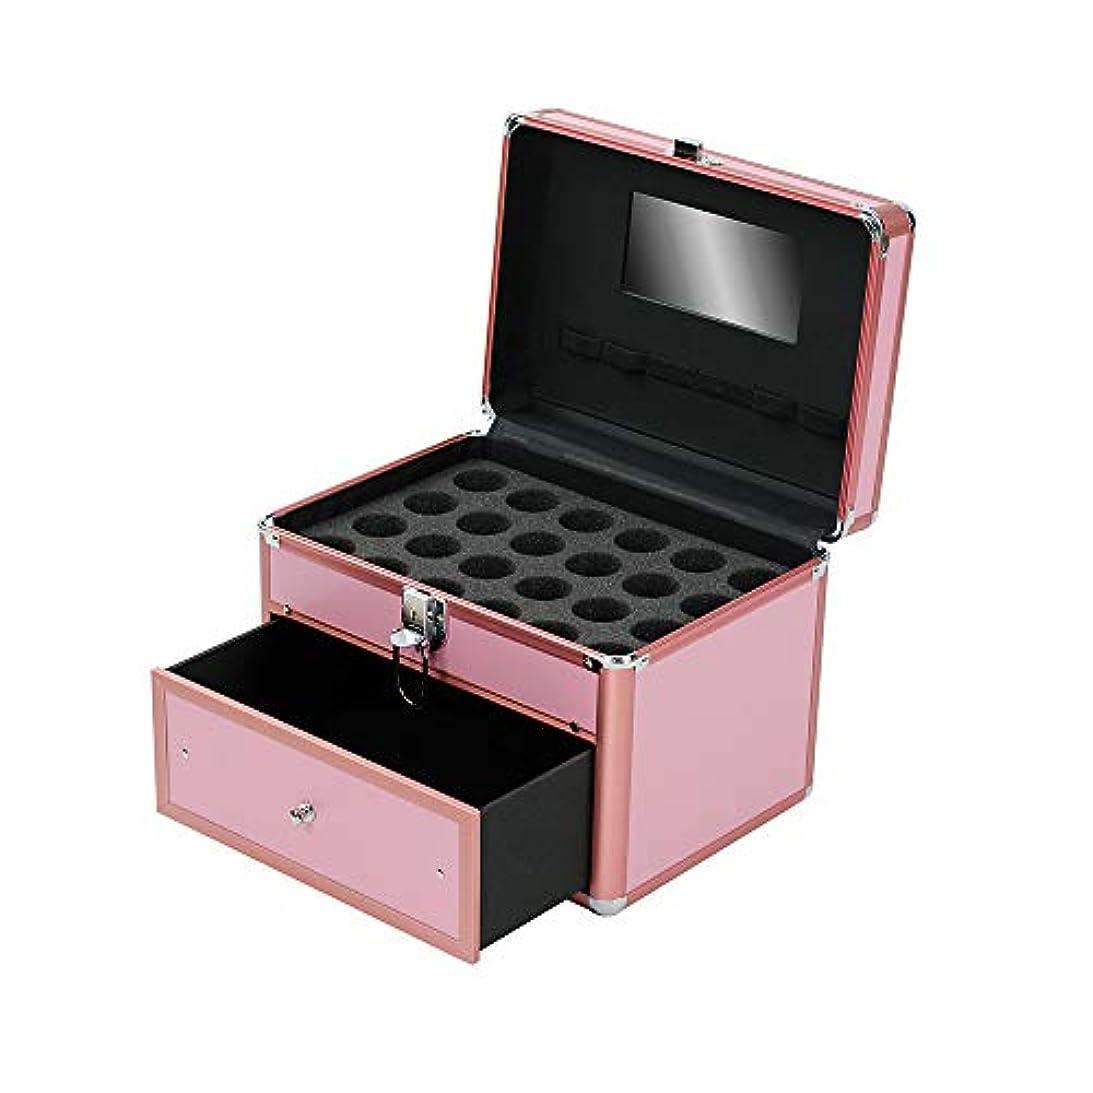 サイレン属性非武装化特大スペース収納ビューティーボックス 女の子の女性旅行のための新しく、実用的な携帯用化粧箱およびロックおよび皿が付いている毎日の貯蔵 化粧品化粧台